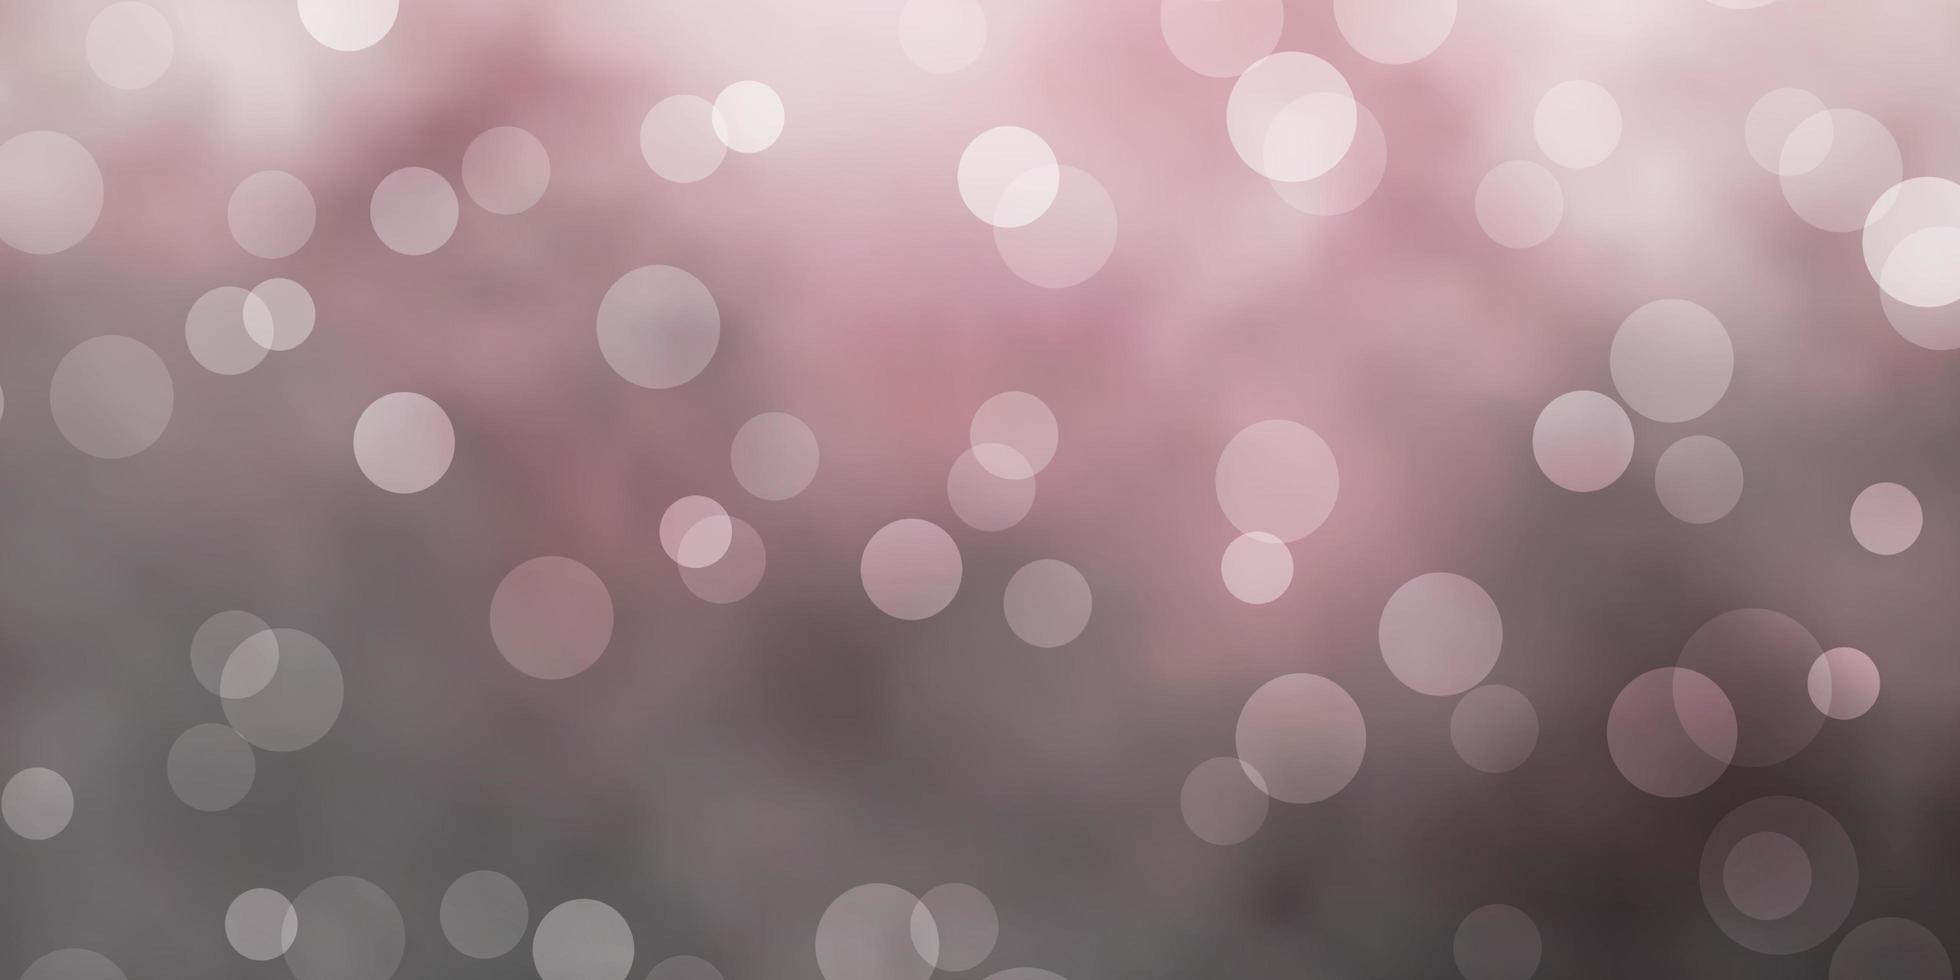 sfondo vettoriale grigio chiaro con bolle.